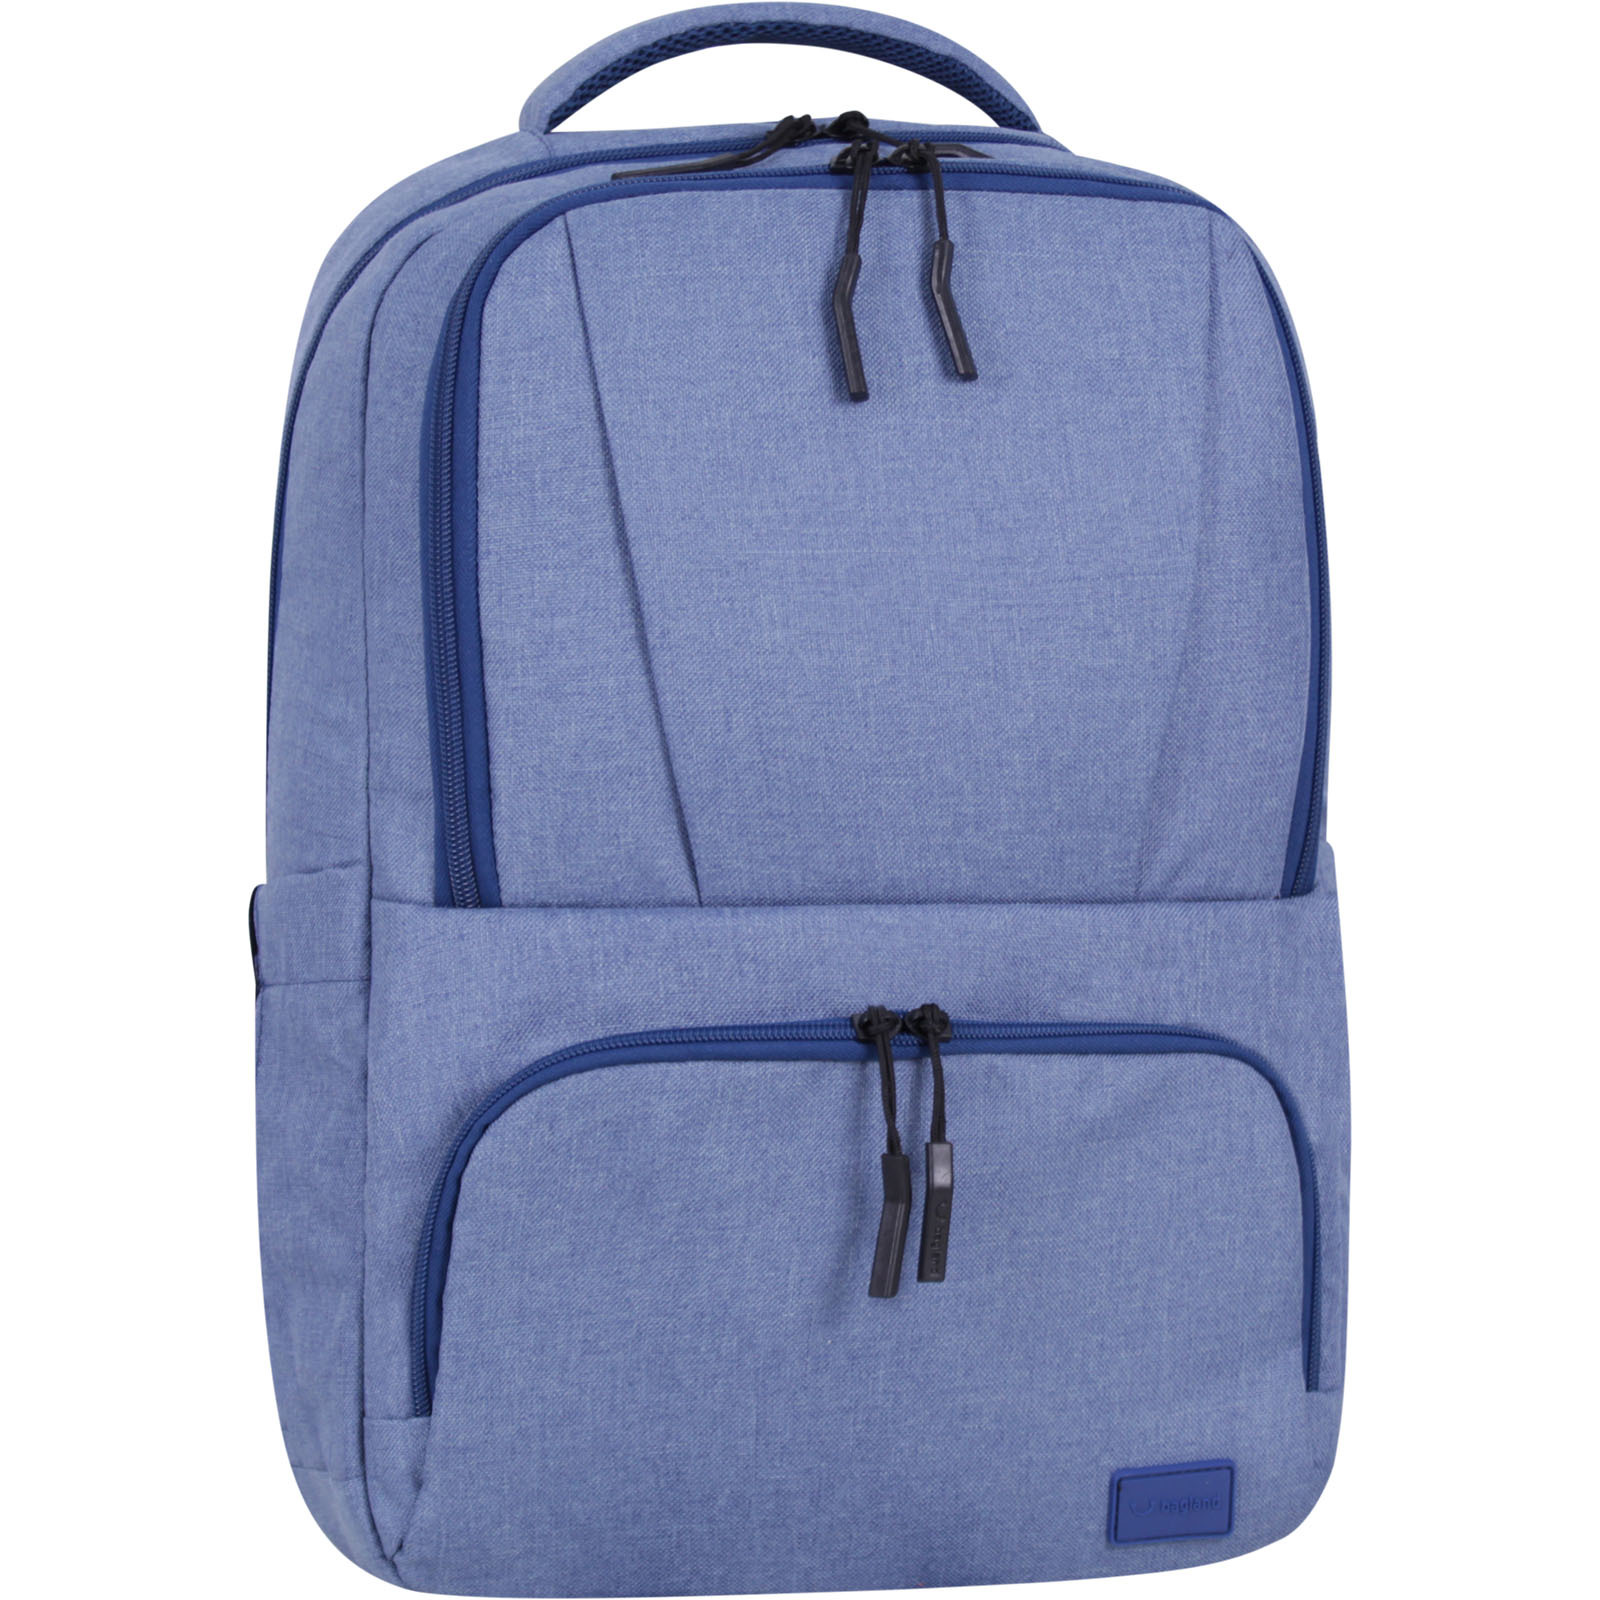 Мужские рюкзаки Рюкзак для ноутбука Bagland STARK синий (0014369) IMG_0492-1600.jpg